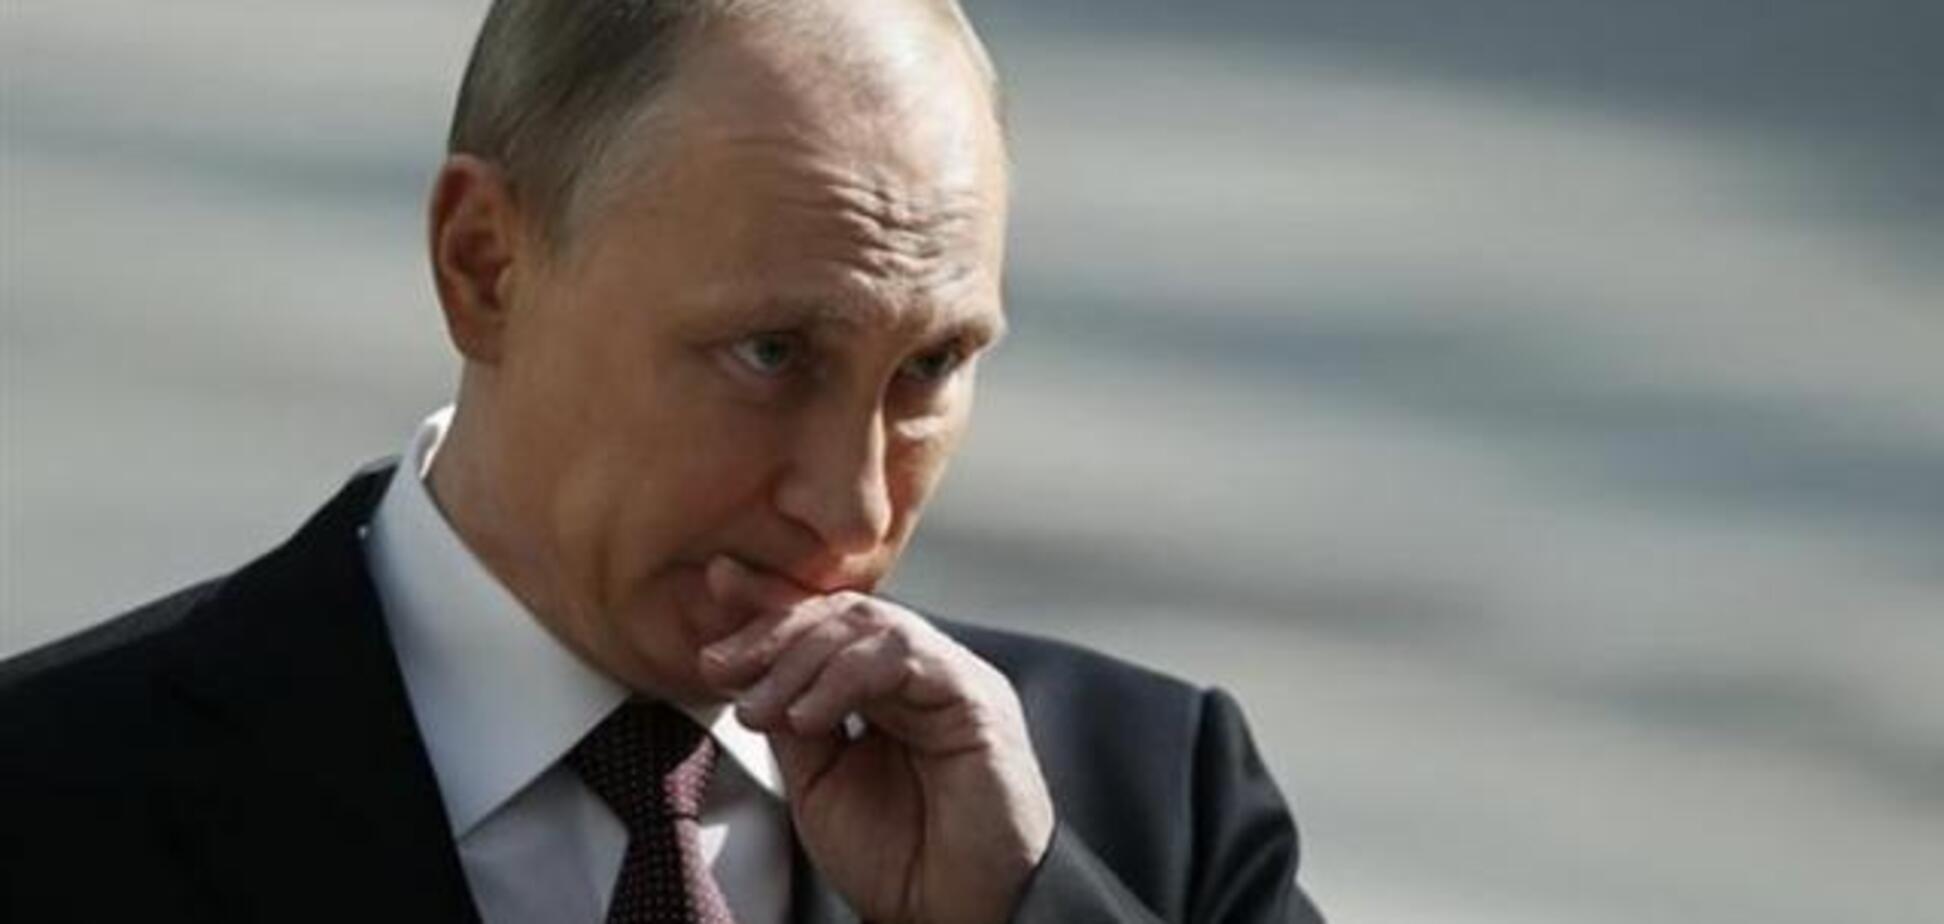 ''Путин должен заплатить'': евродепутат сказал, как наказать Россию за агрессию против Украины